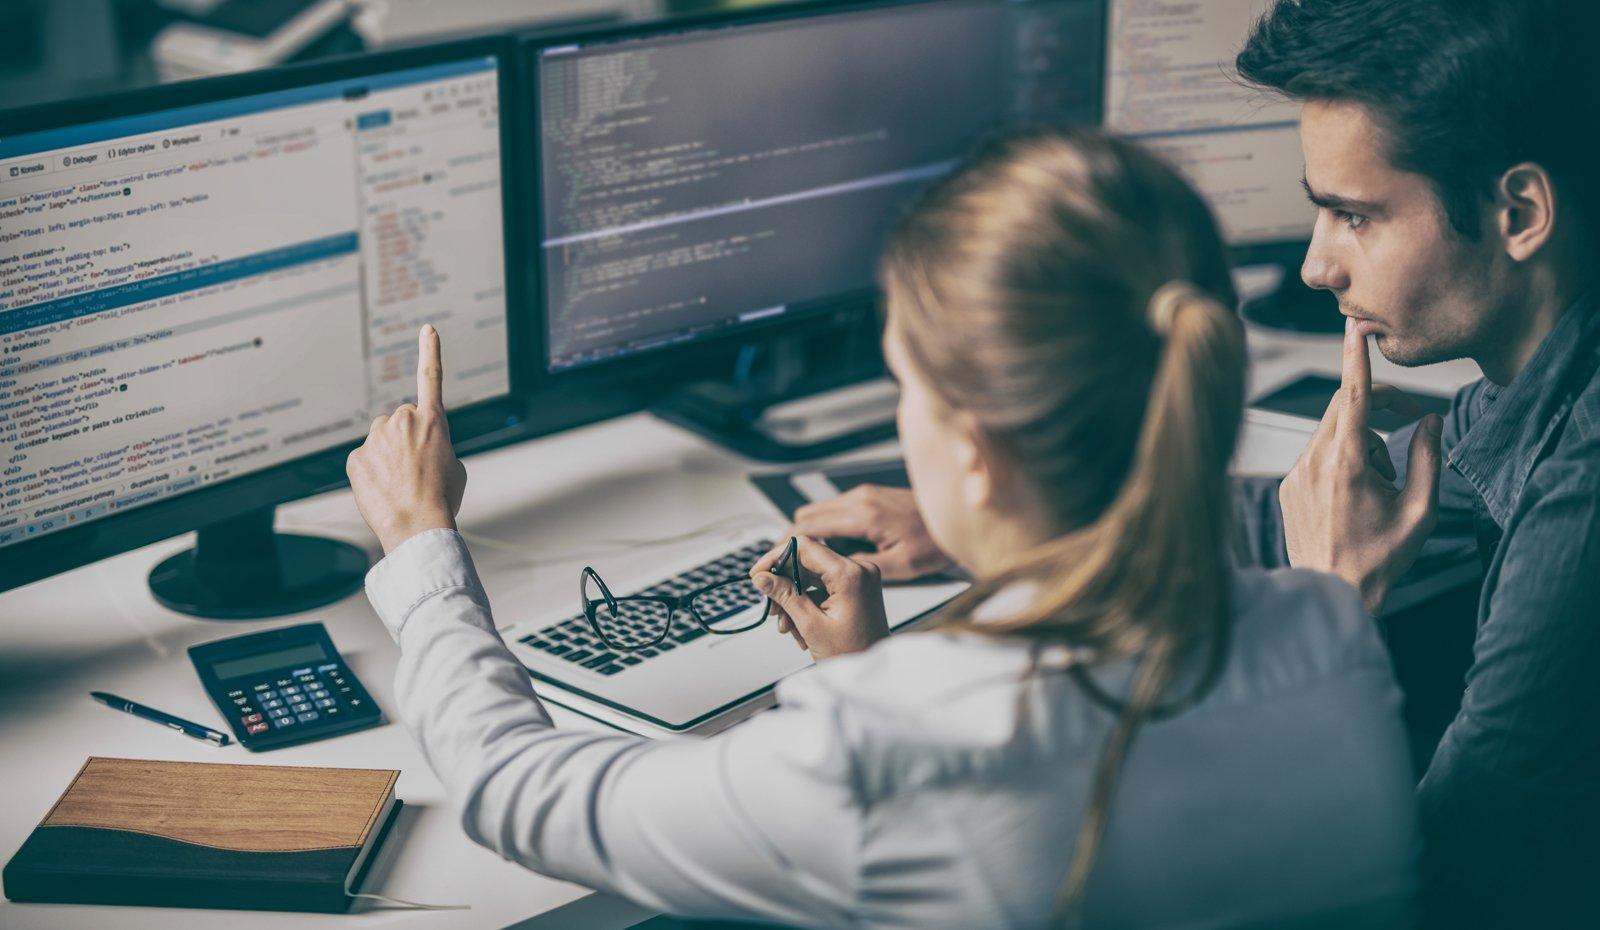 ciberseguridad y hacking etico